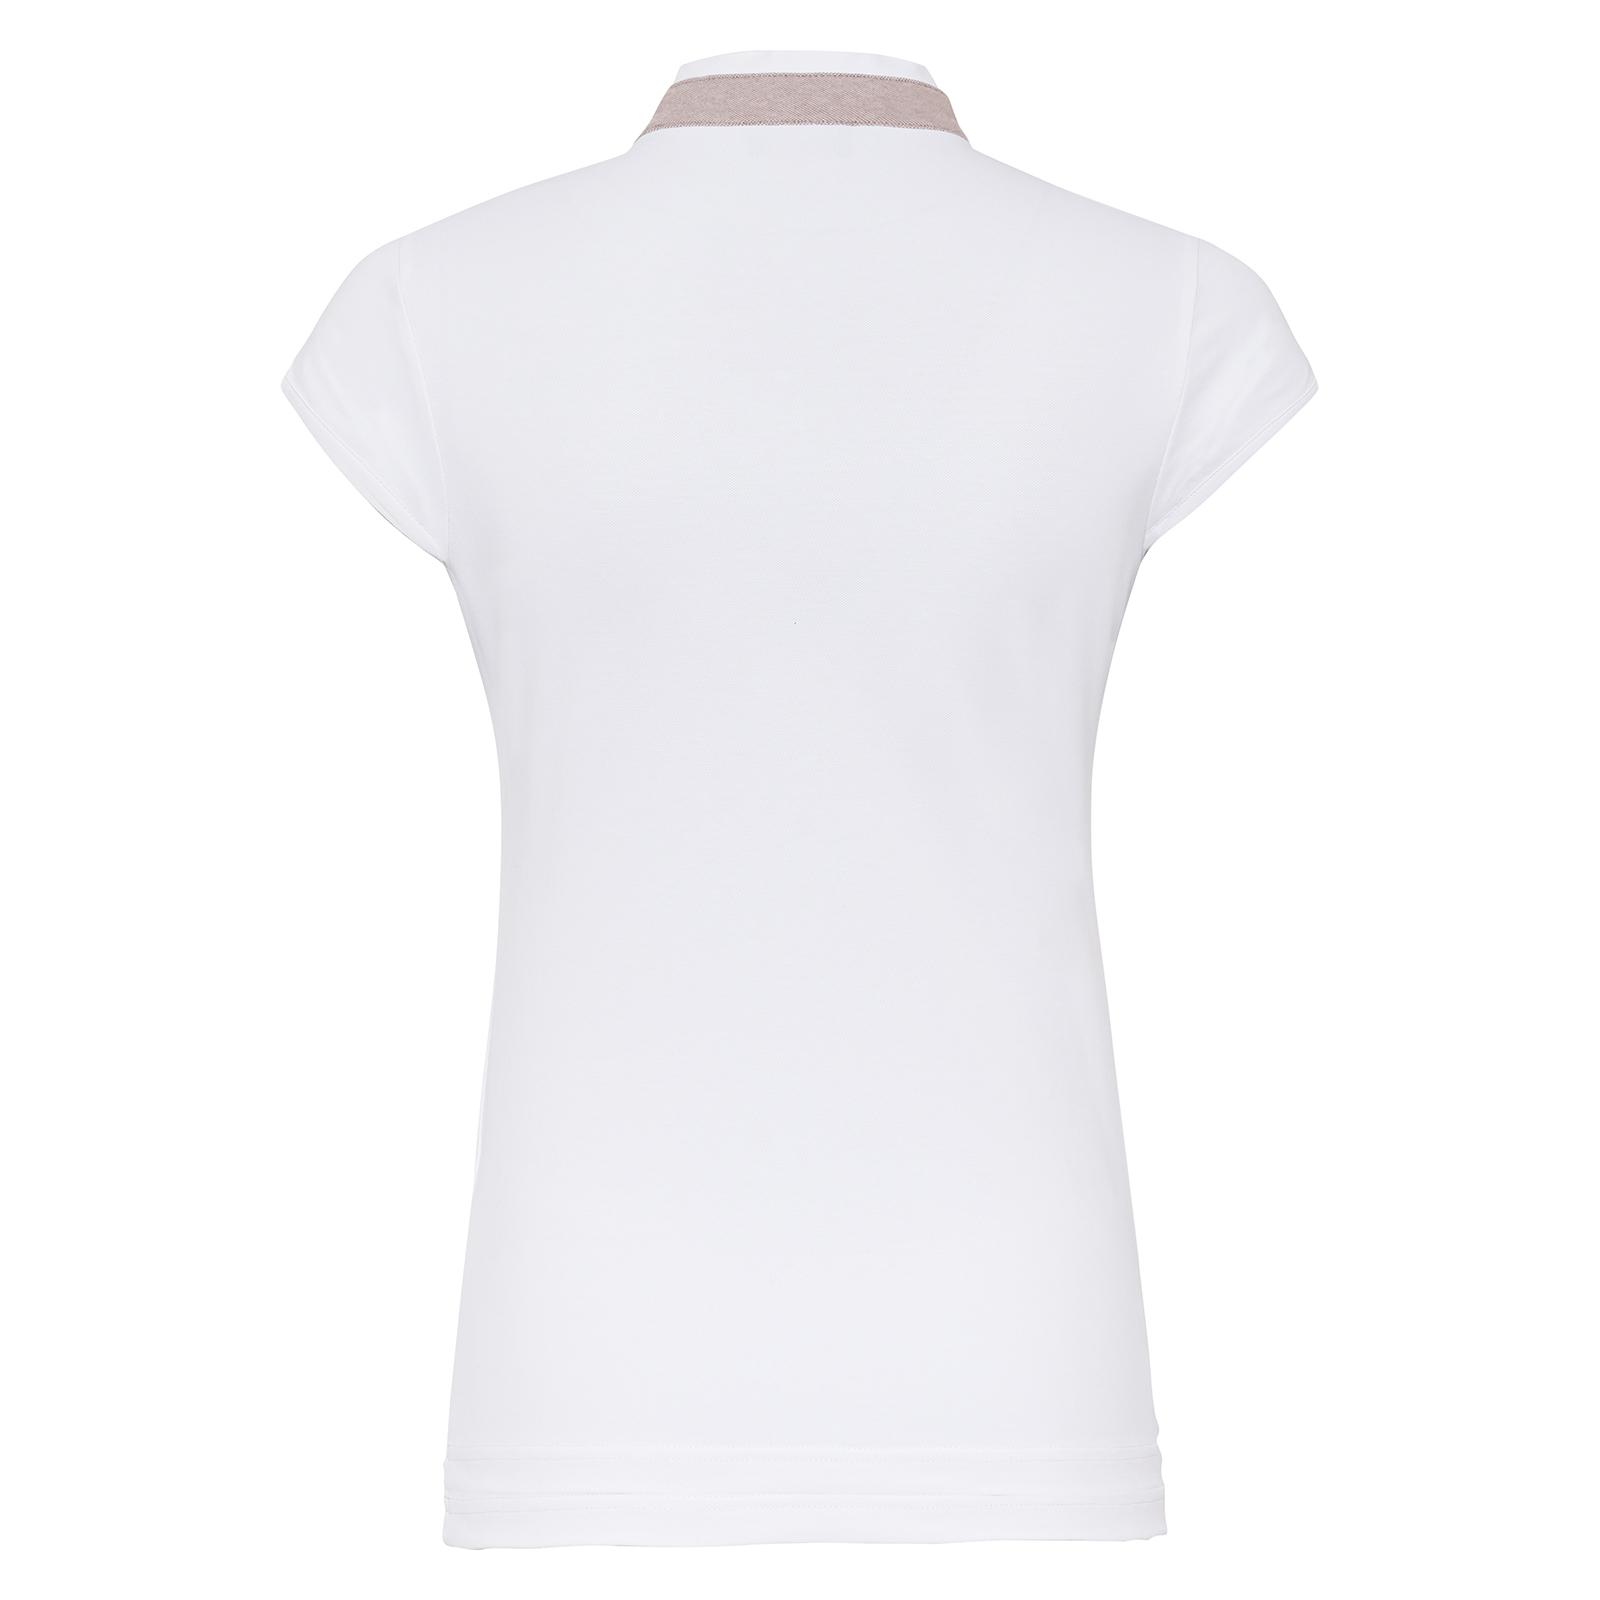 Damen Golf Poloshirt mit Stretch-Funktion und Flügelärmeln